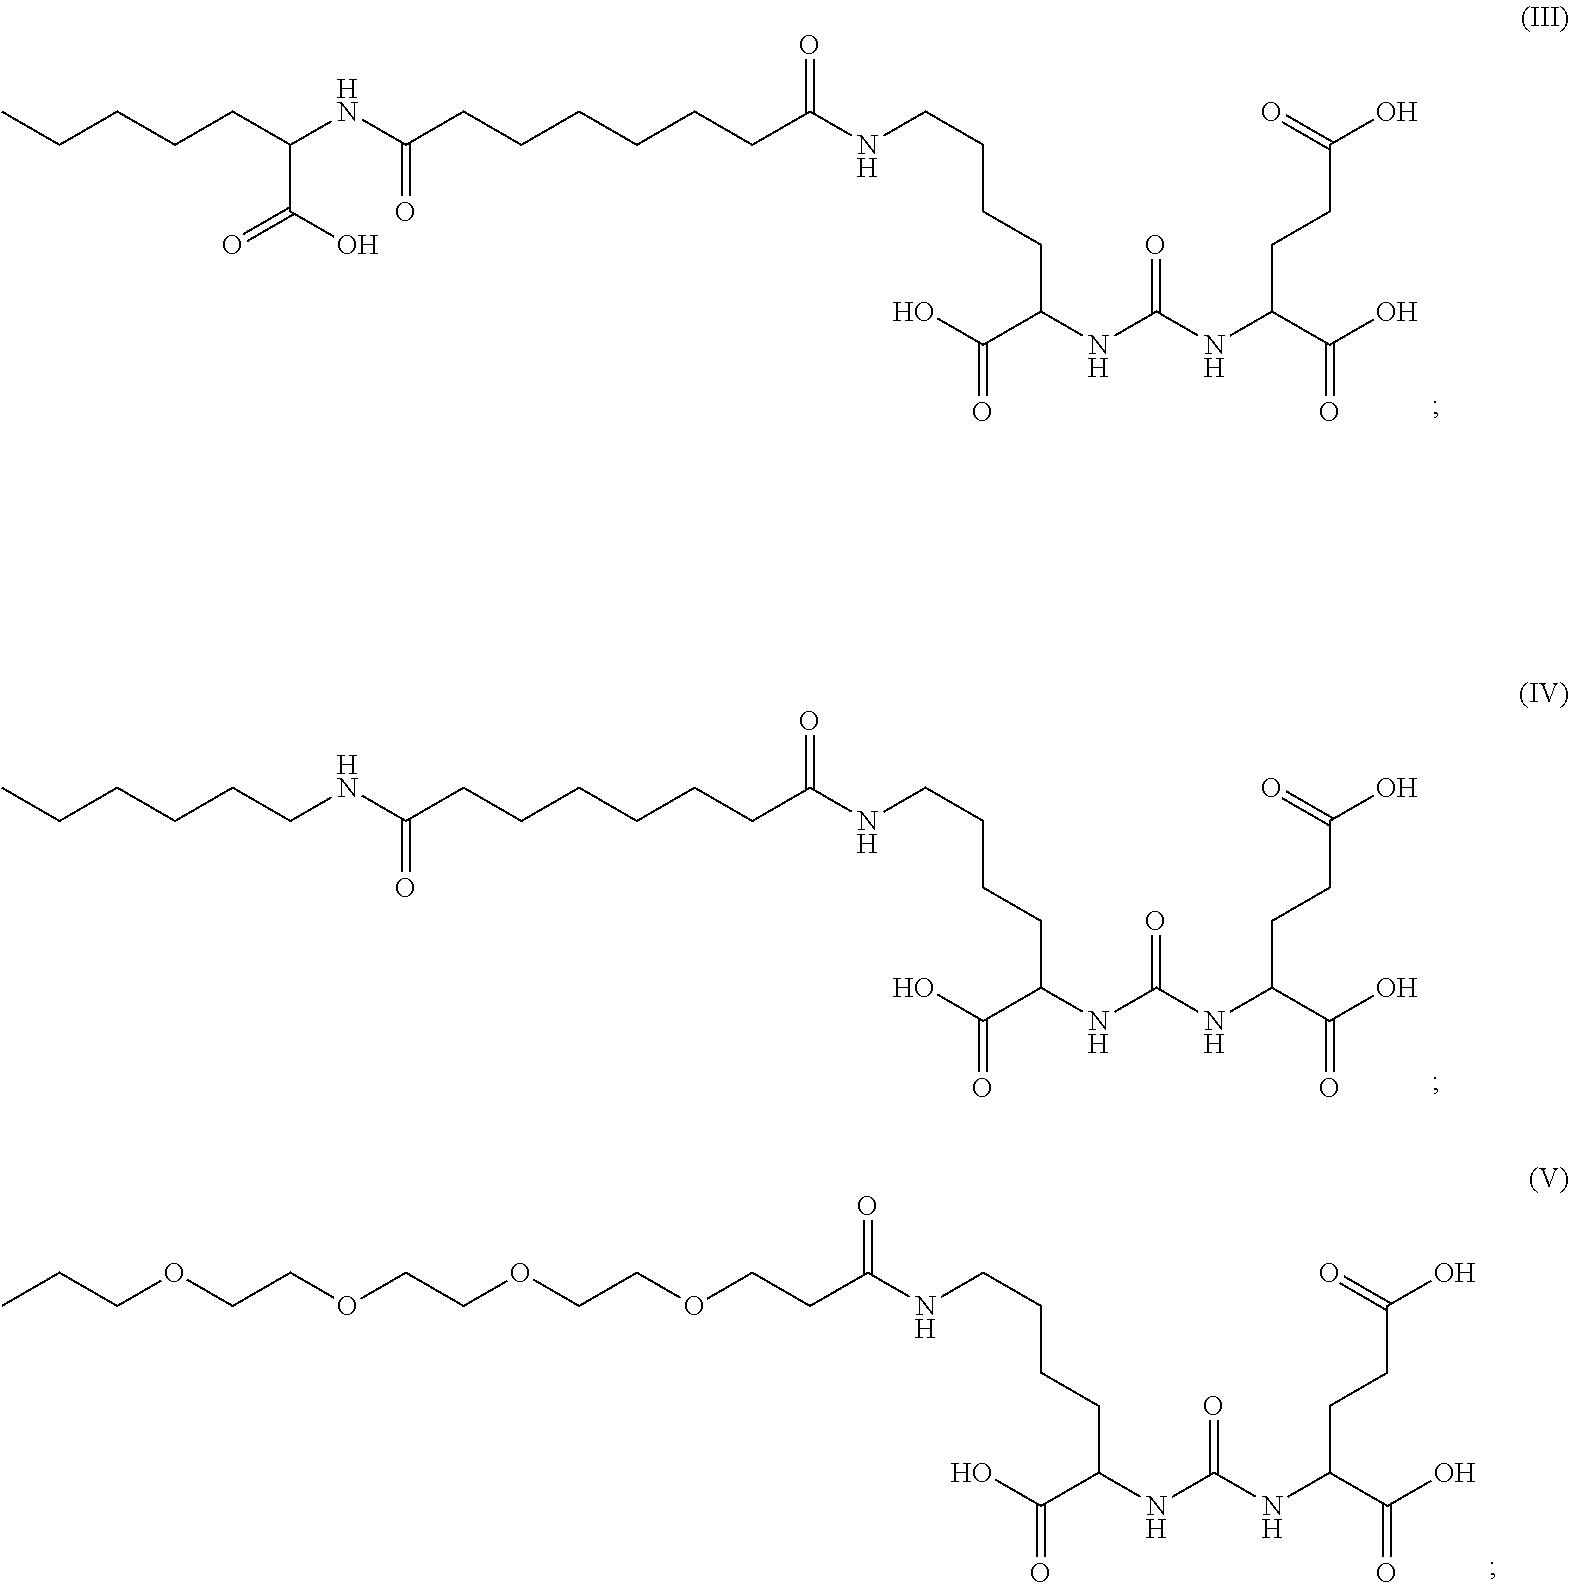 Figure US09884132-20180206-C00017